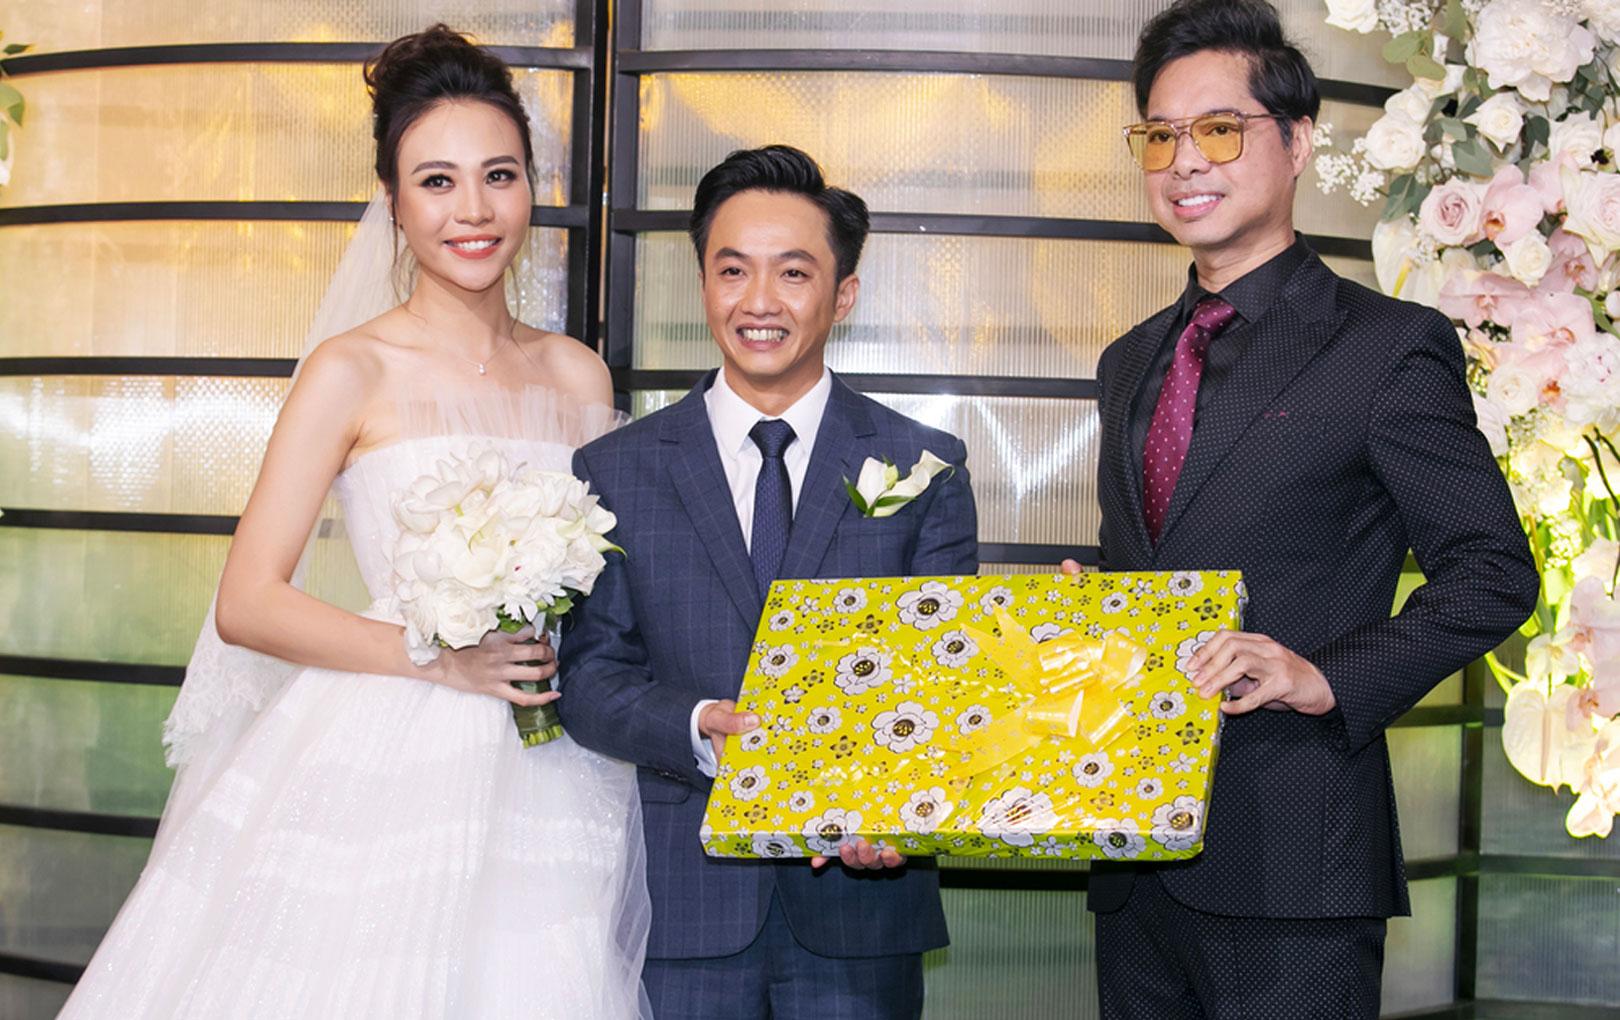 Sau bao ngày để CĐM tiên đoán, Ngọc Sơn cũng đã tiết lộ món quà cưới độc đáo dành tặng Đàm Thu Trang và Cường Đô La